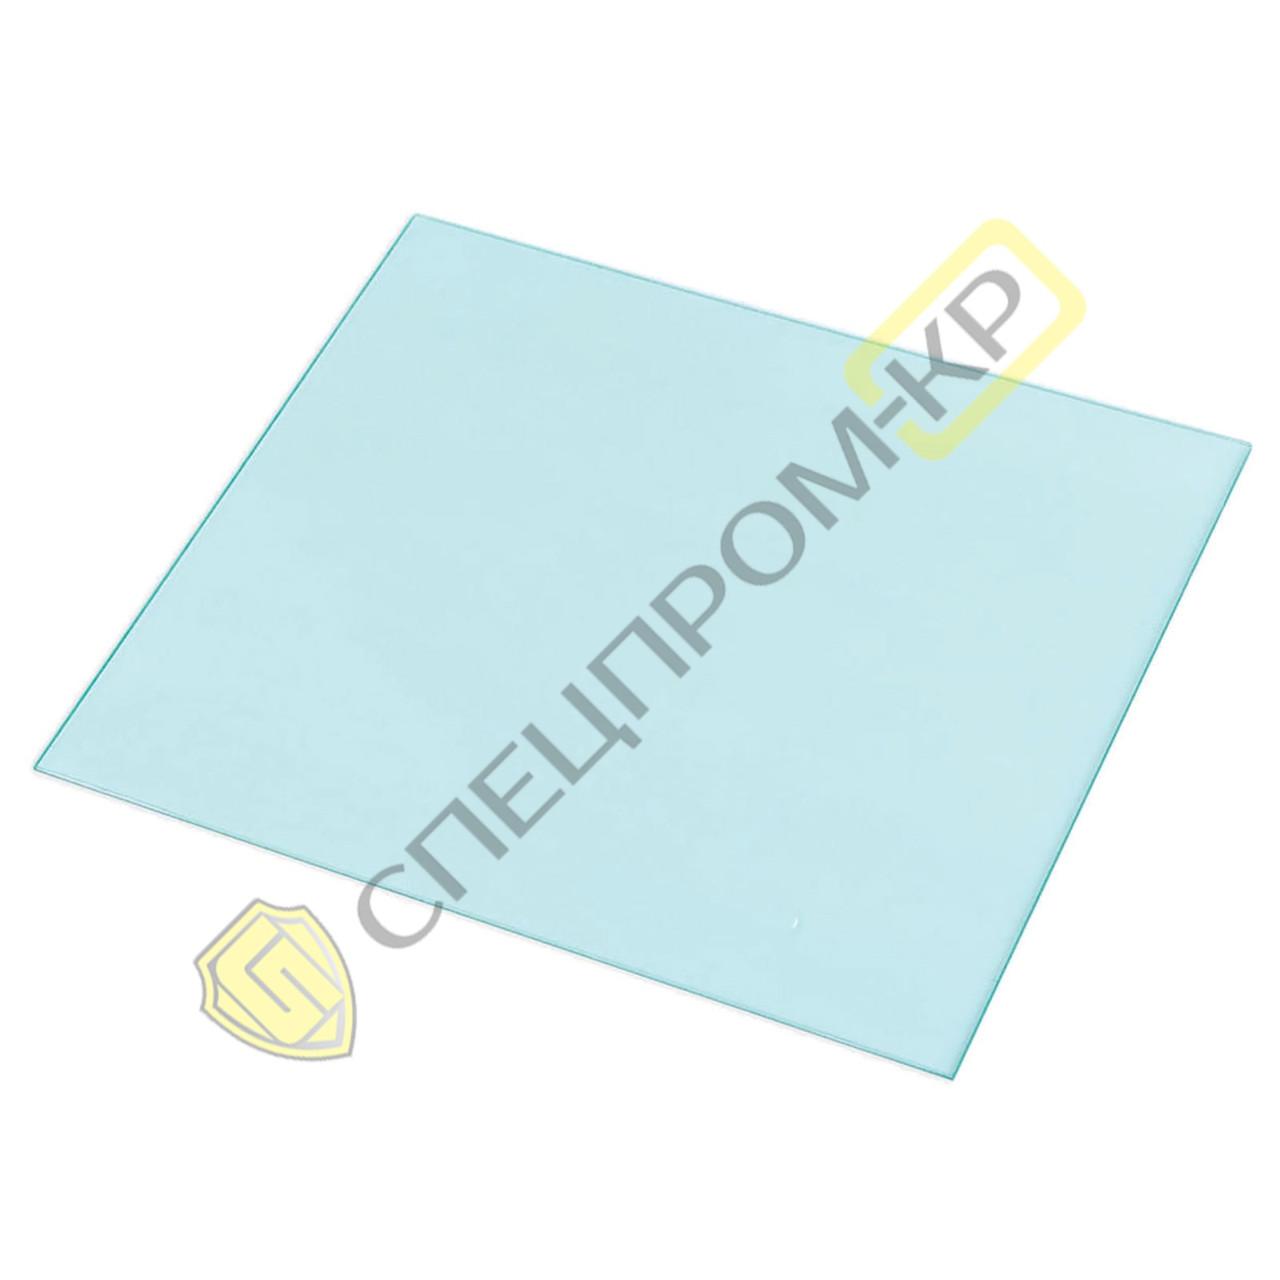 Стекло защитное поликарбонатное 90-110-0.8 мм, слюда